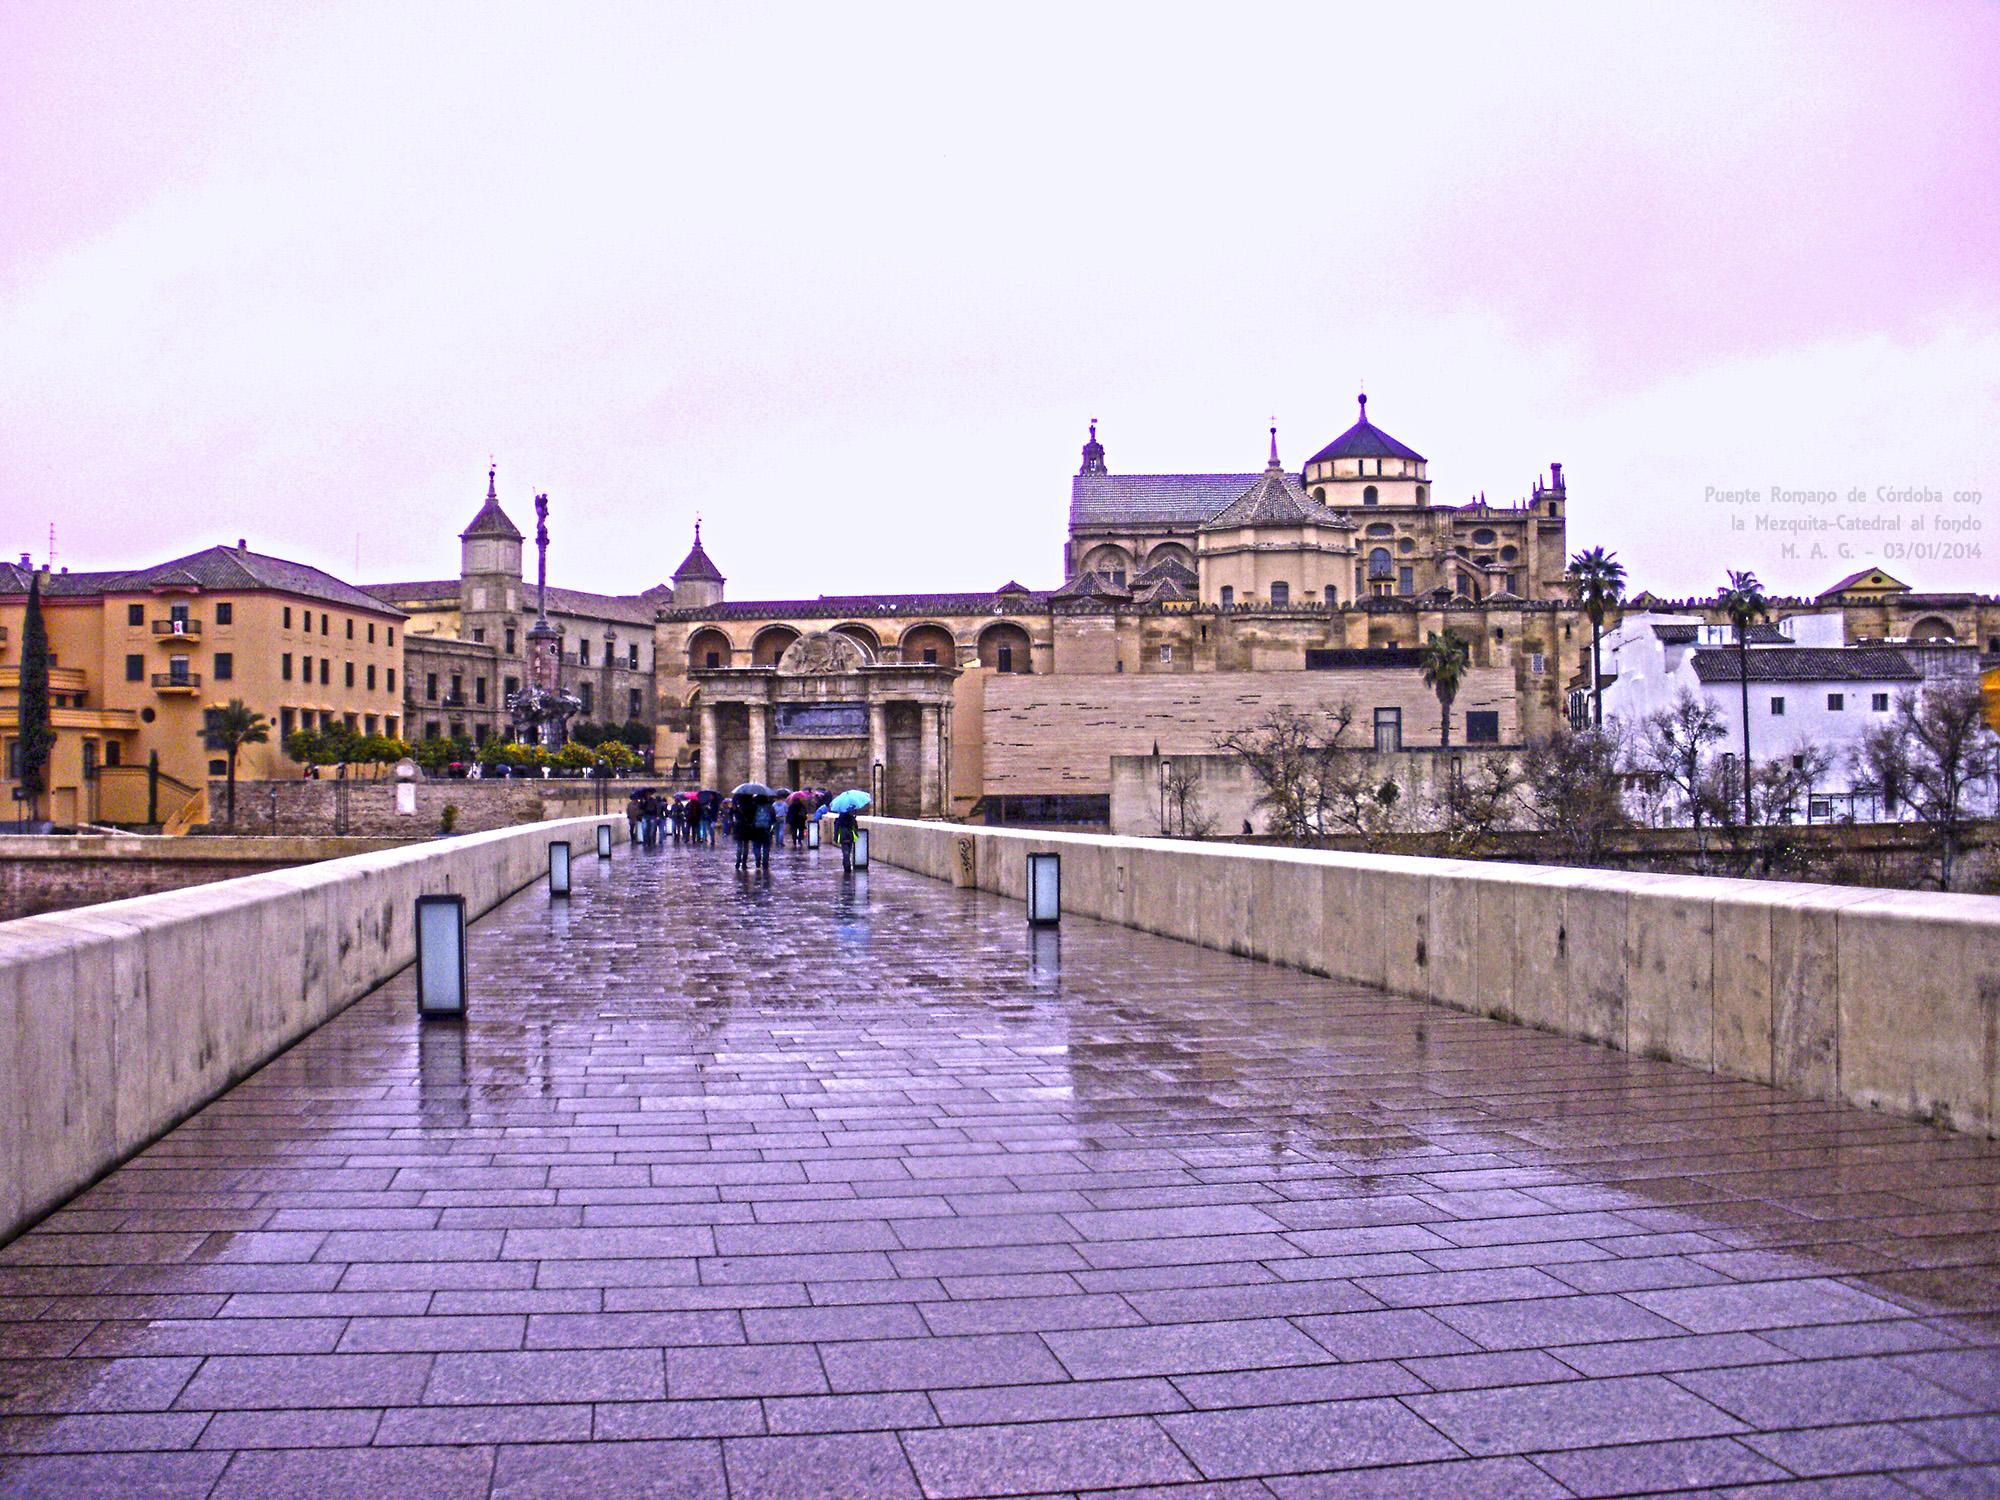 PC050601 - puente romano de córdoba.flickr